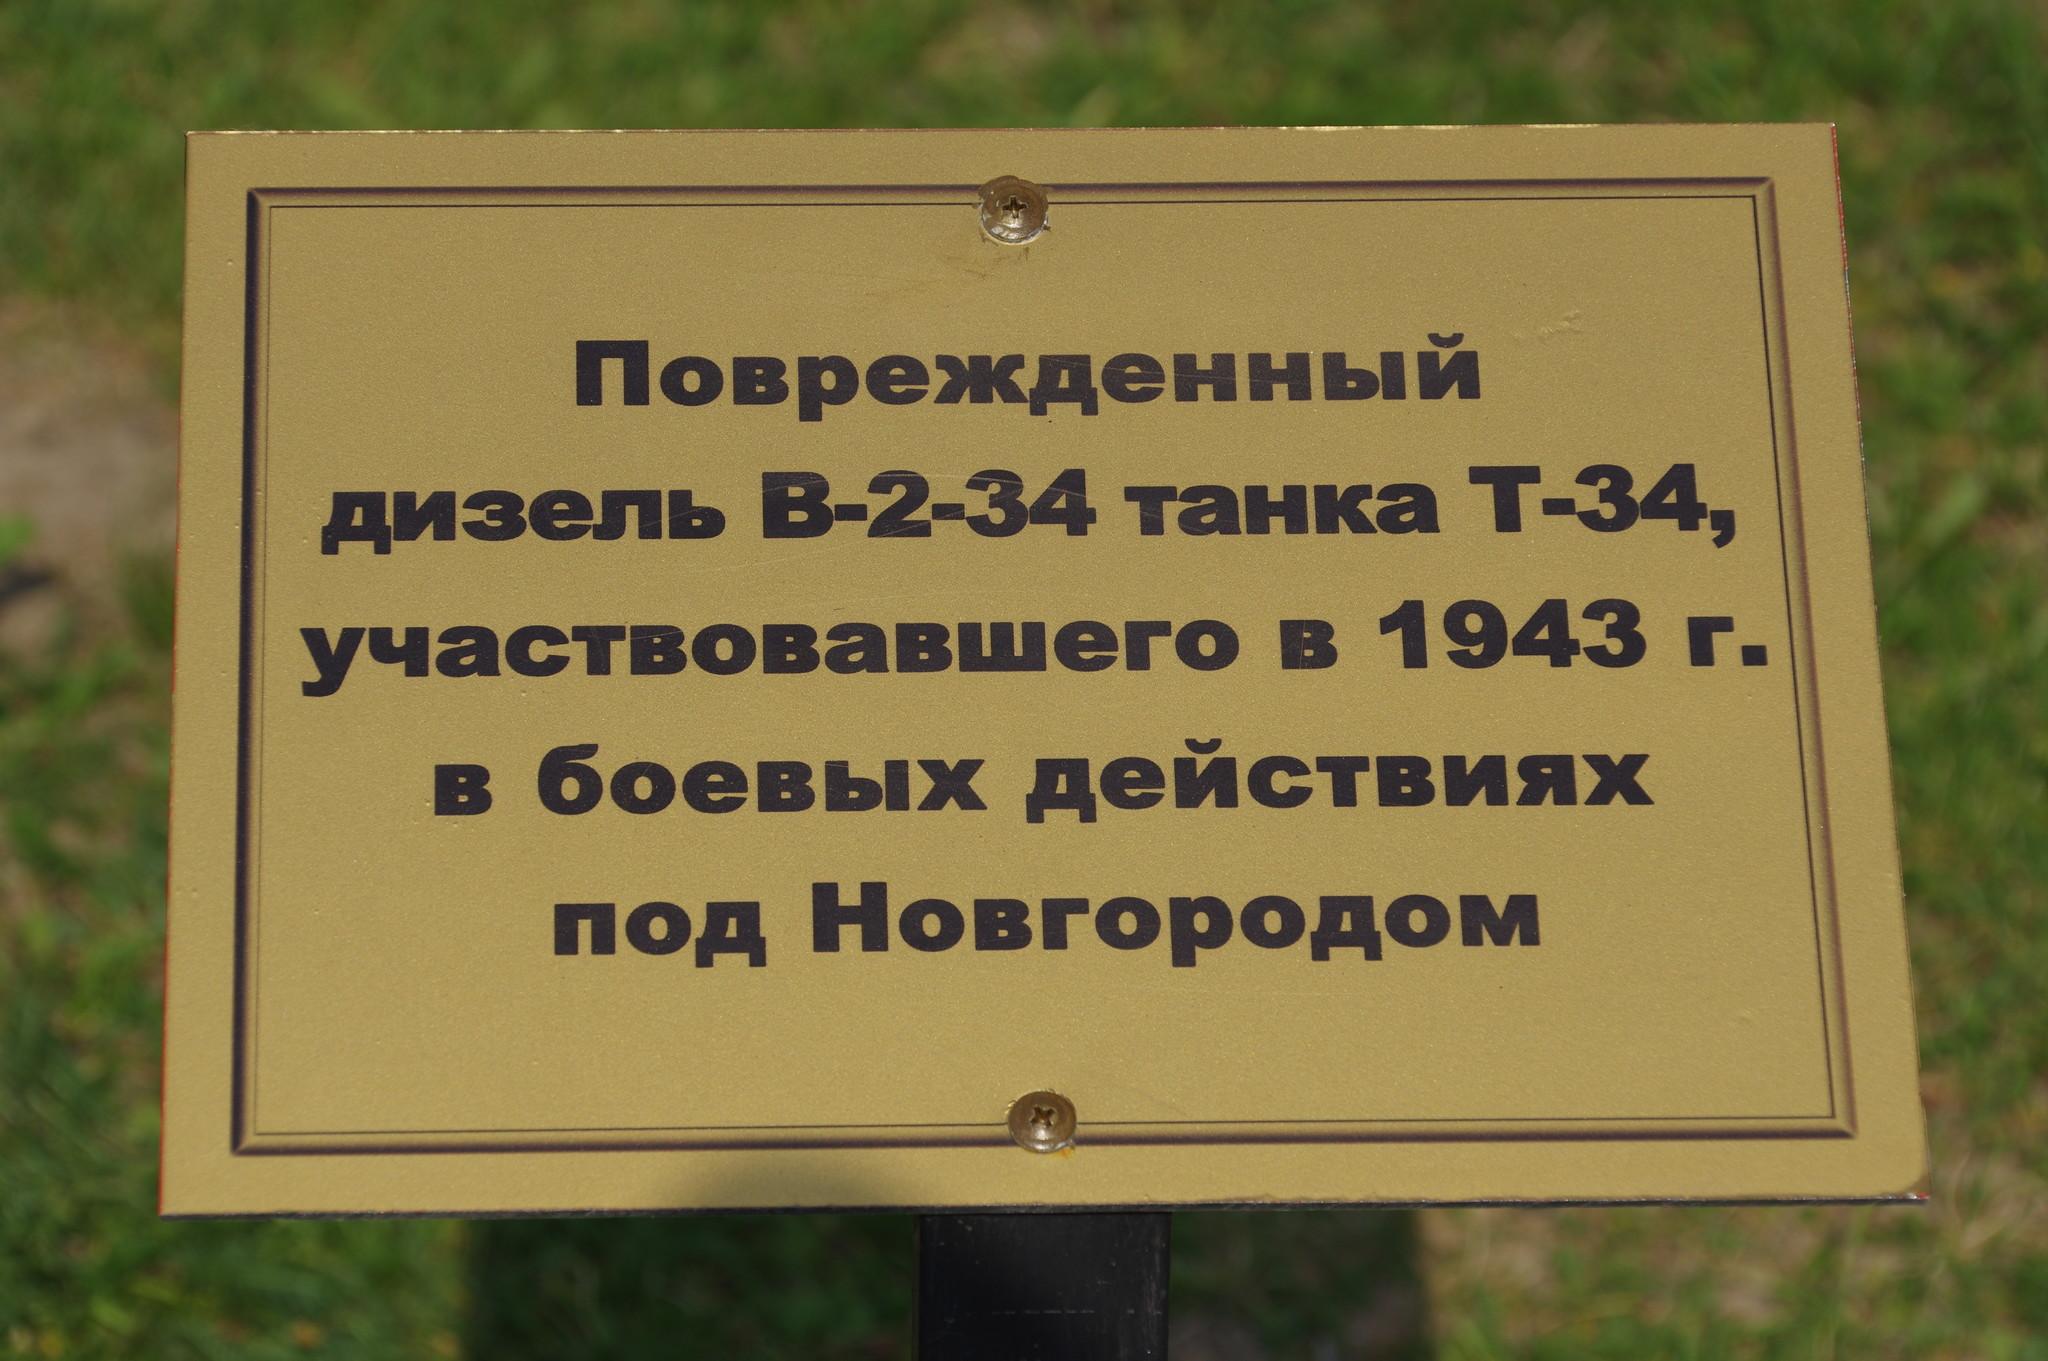 Музейно-мемориальный комплекс «История танка Т-34» (Московская область, Мытищинский район, деревня Шолохово, дом 89 А)